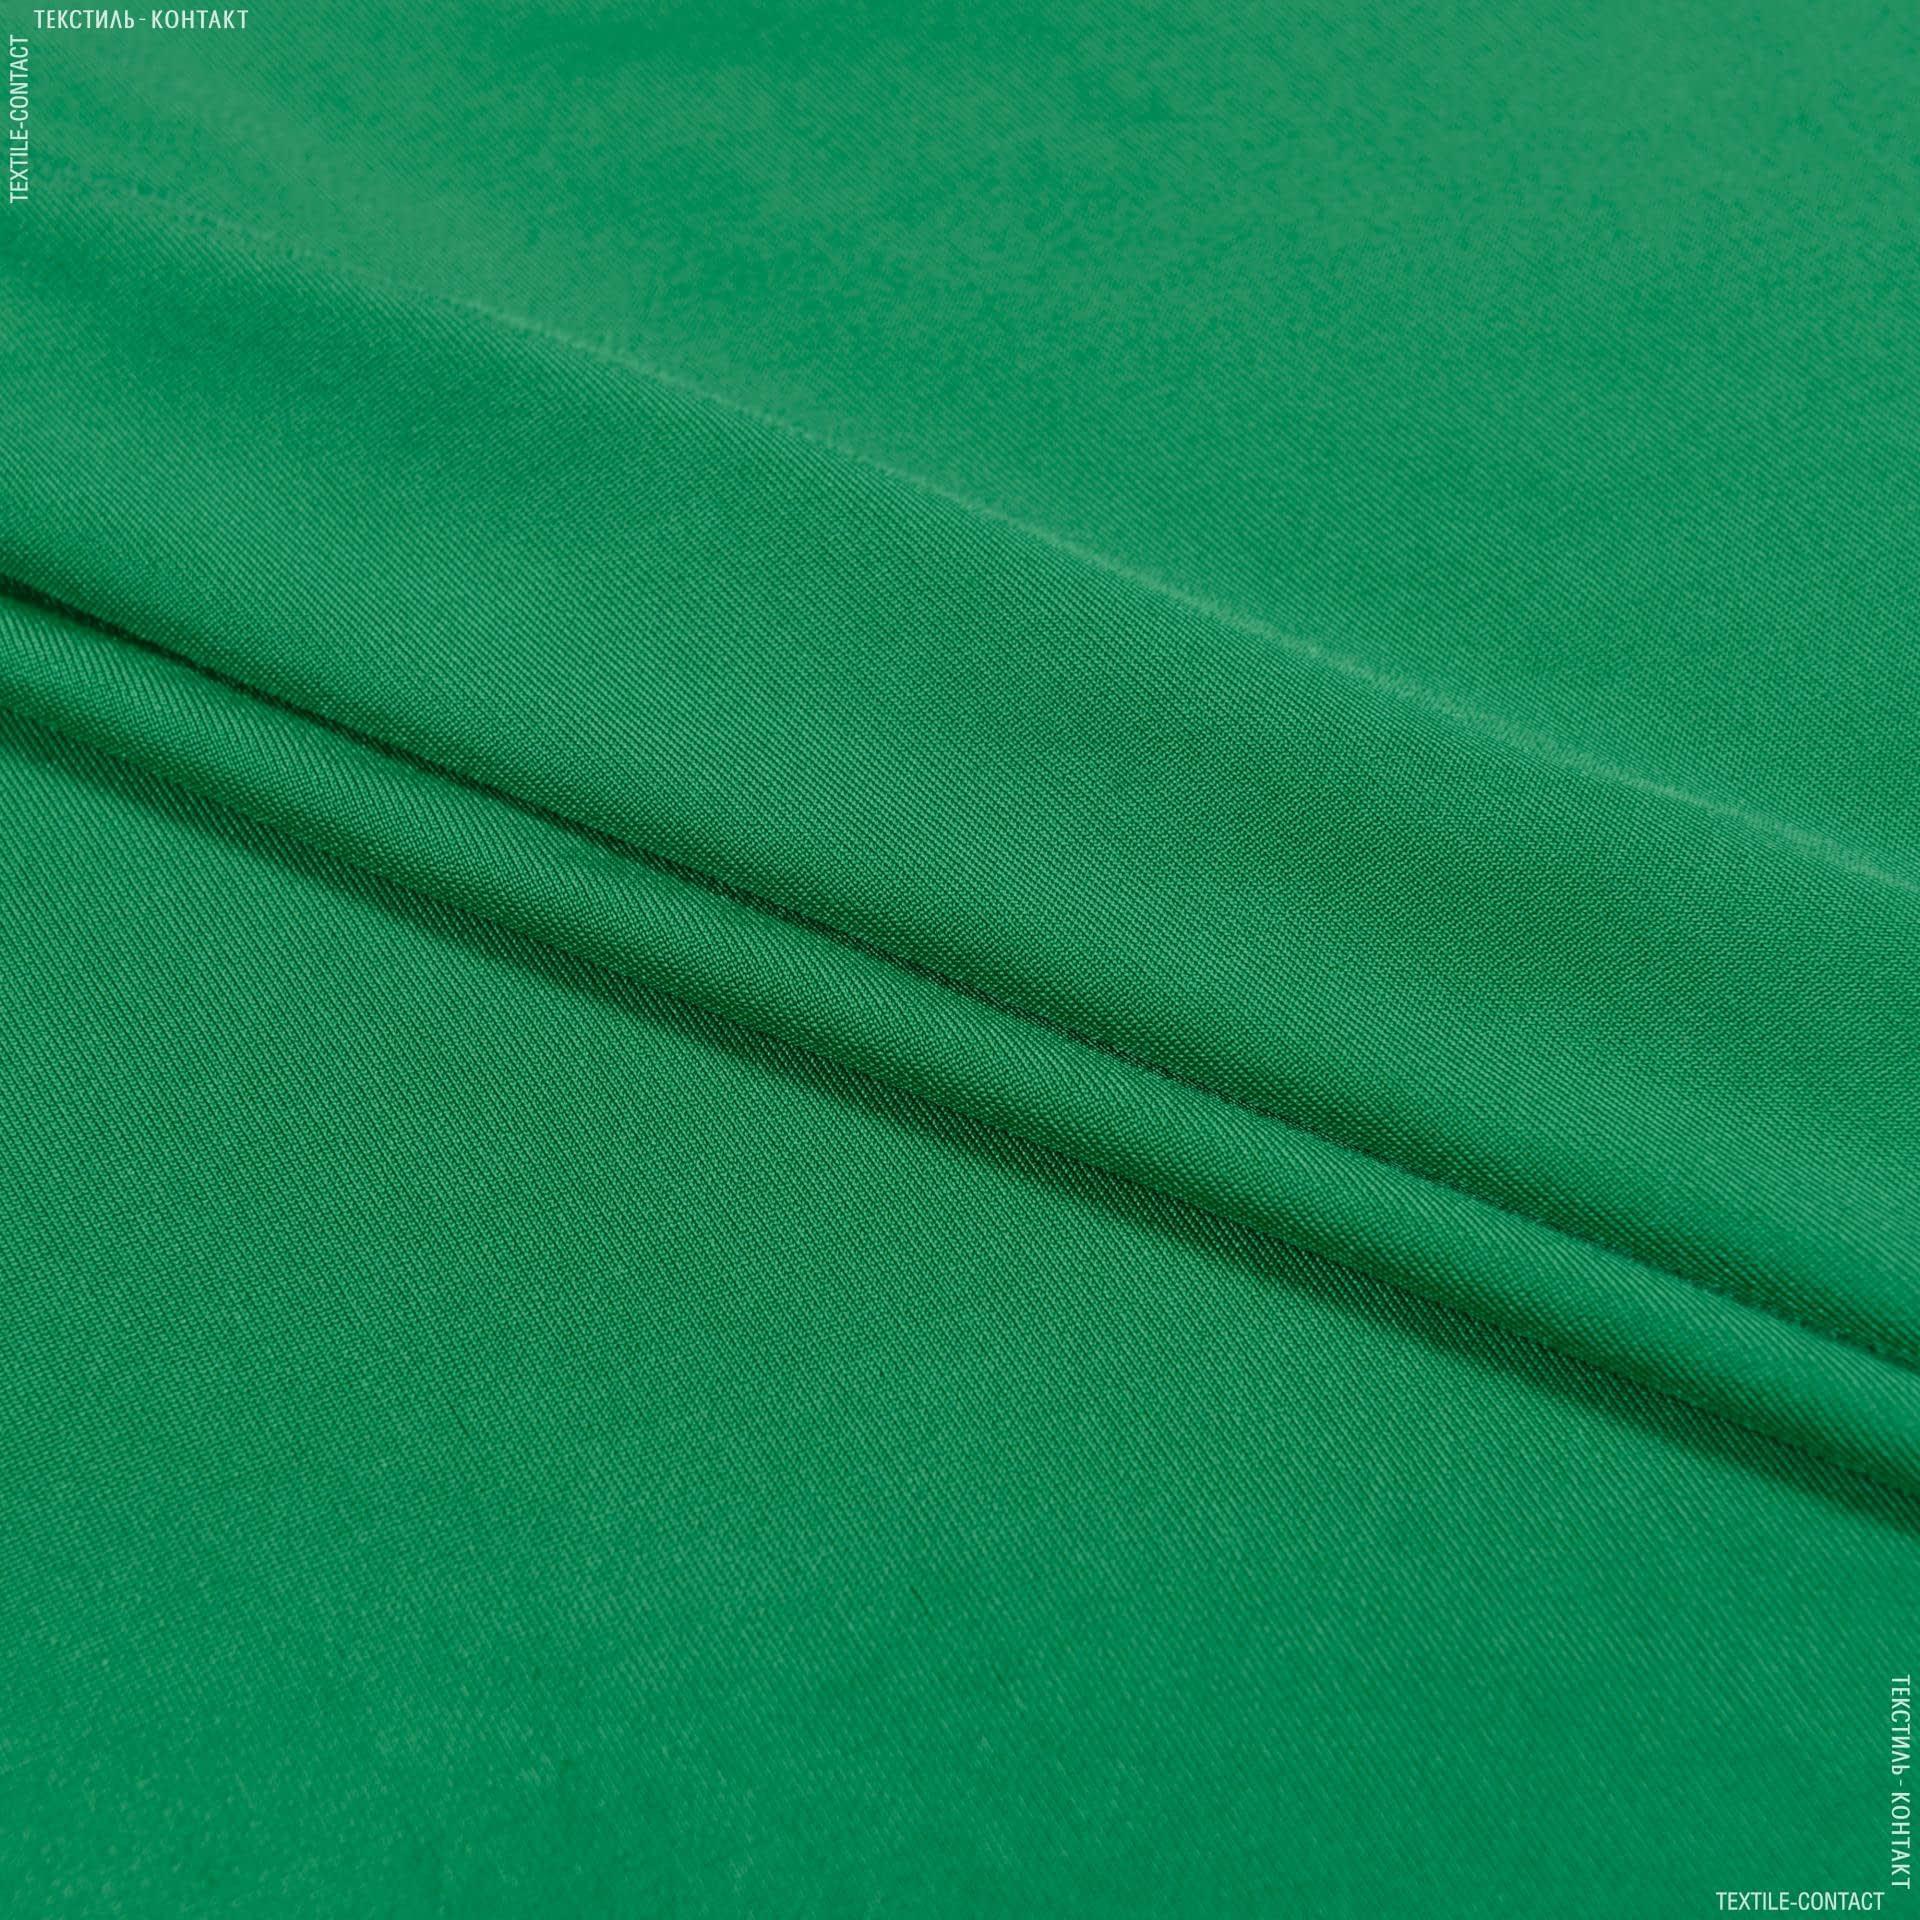 Тканини для спортивного одягу - Трикотаж мікромасло зелений